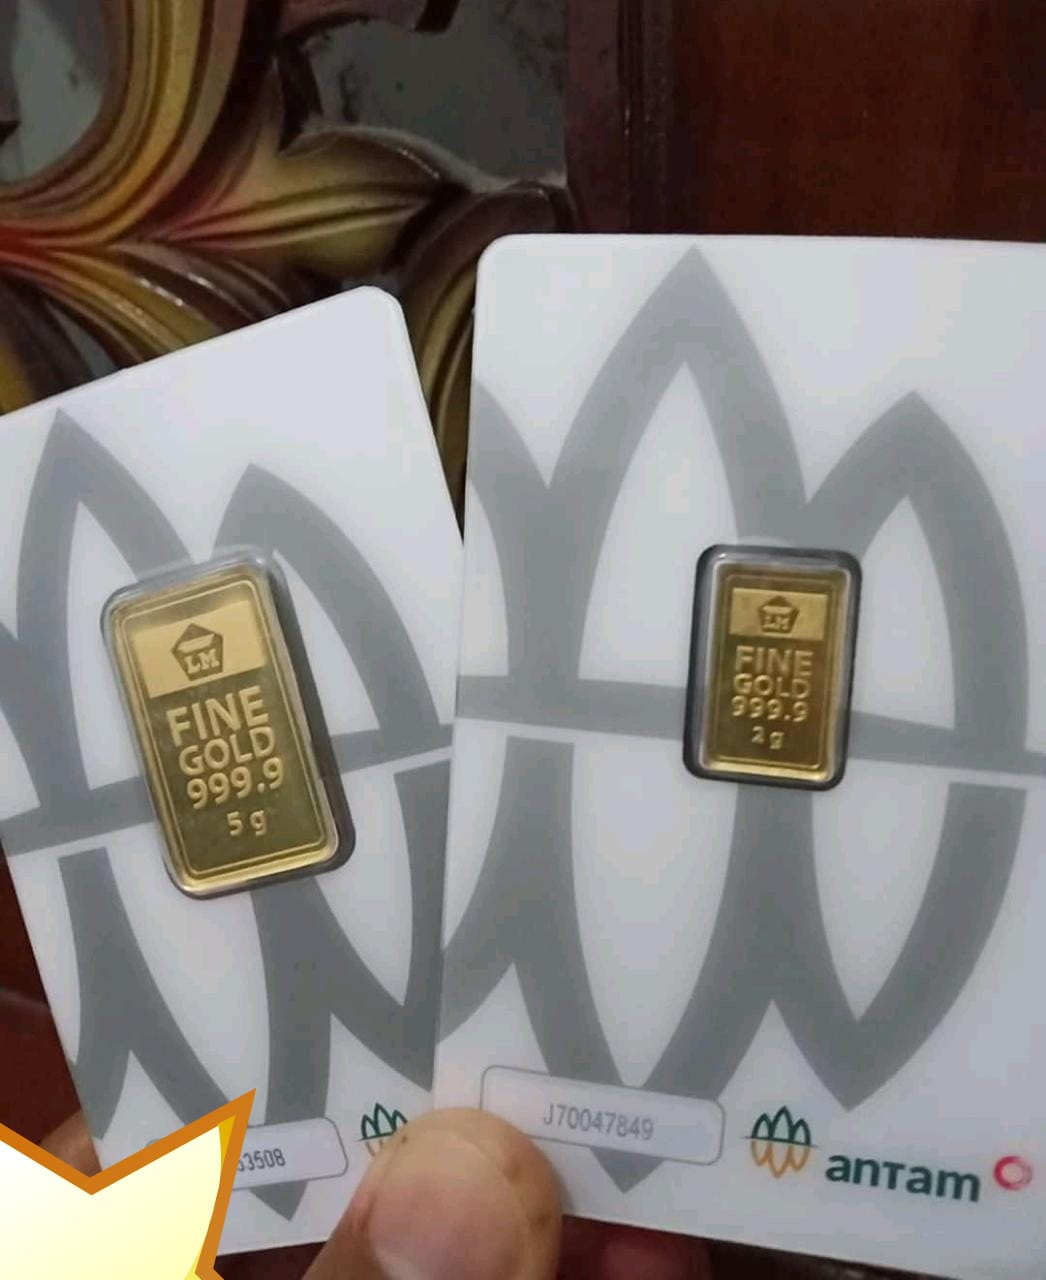 Tempat Terpercaya Untuk Investasi Emas yang Aman dan Untung